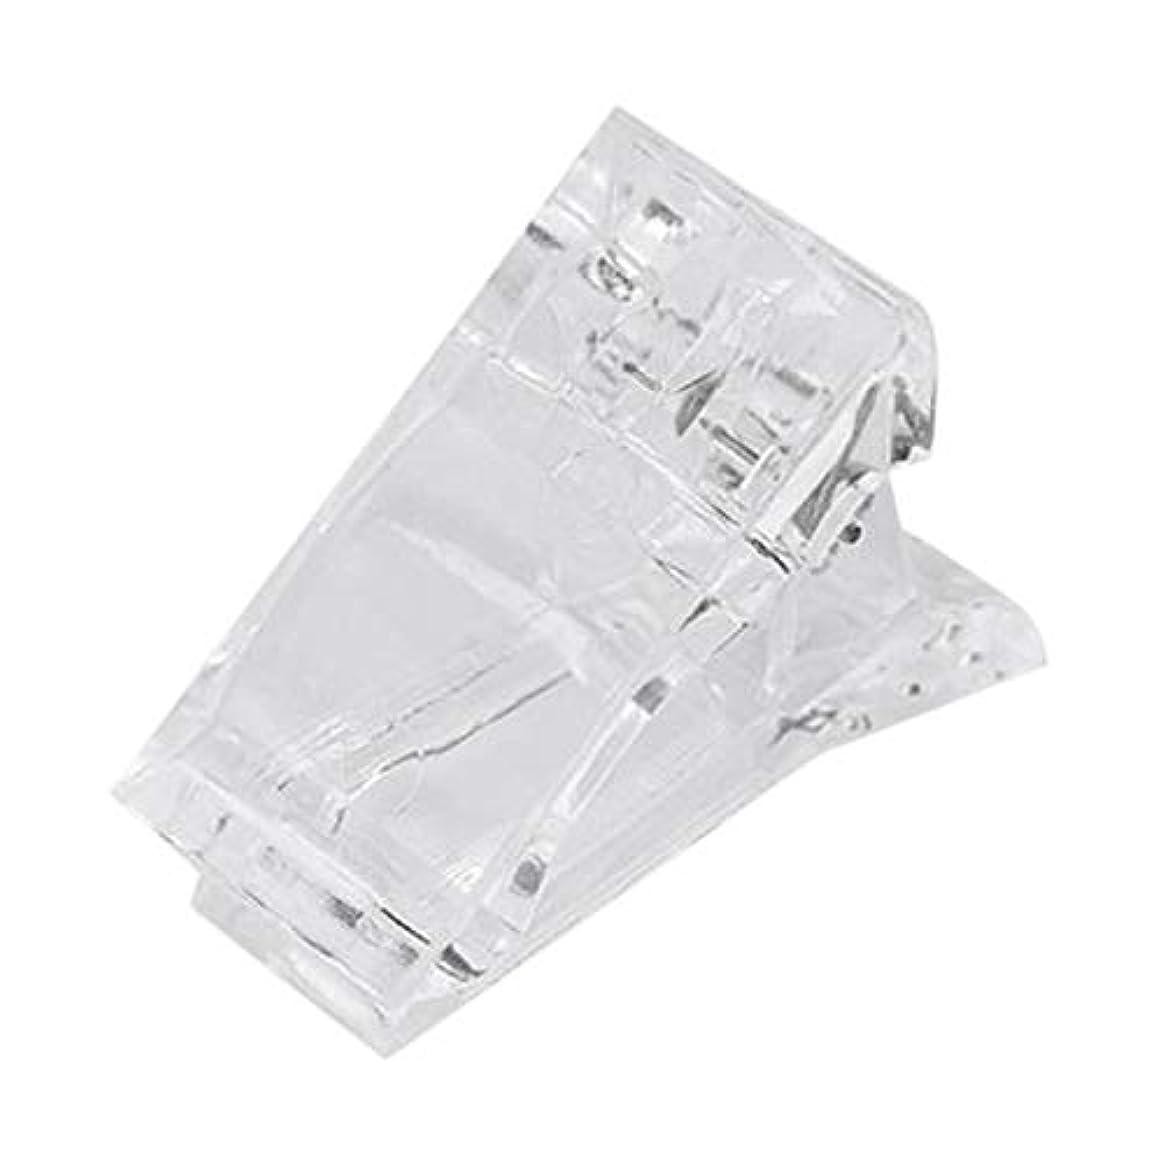 ことわざ過半数マティスACAMPTAR ネイルのクリップ 透明指ポリクイック ビルディングジェルエクステンション ネイルアート マニキュアツール アクセサリー 偽ネイル